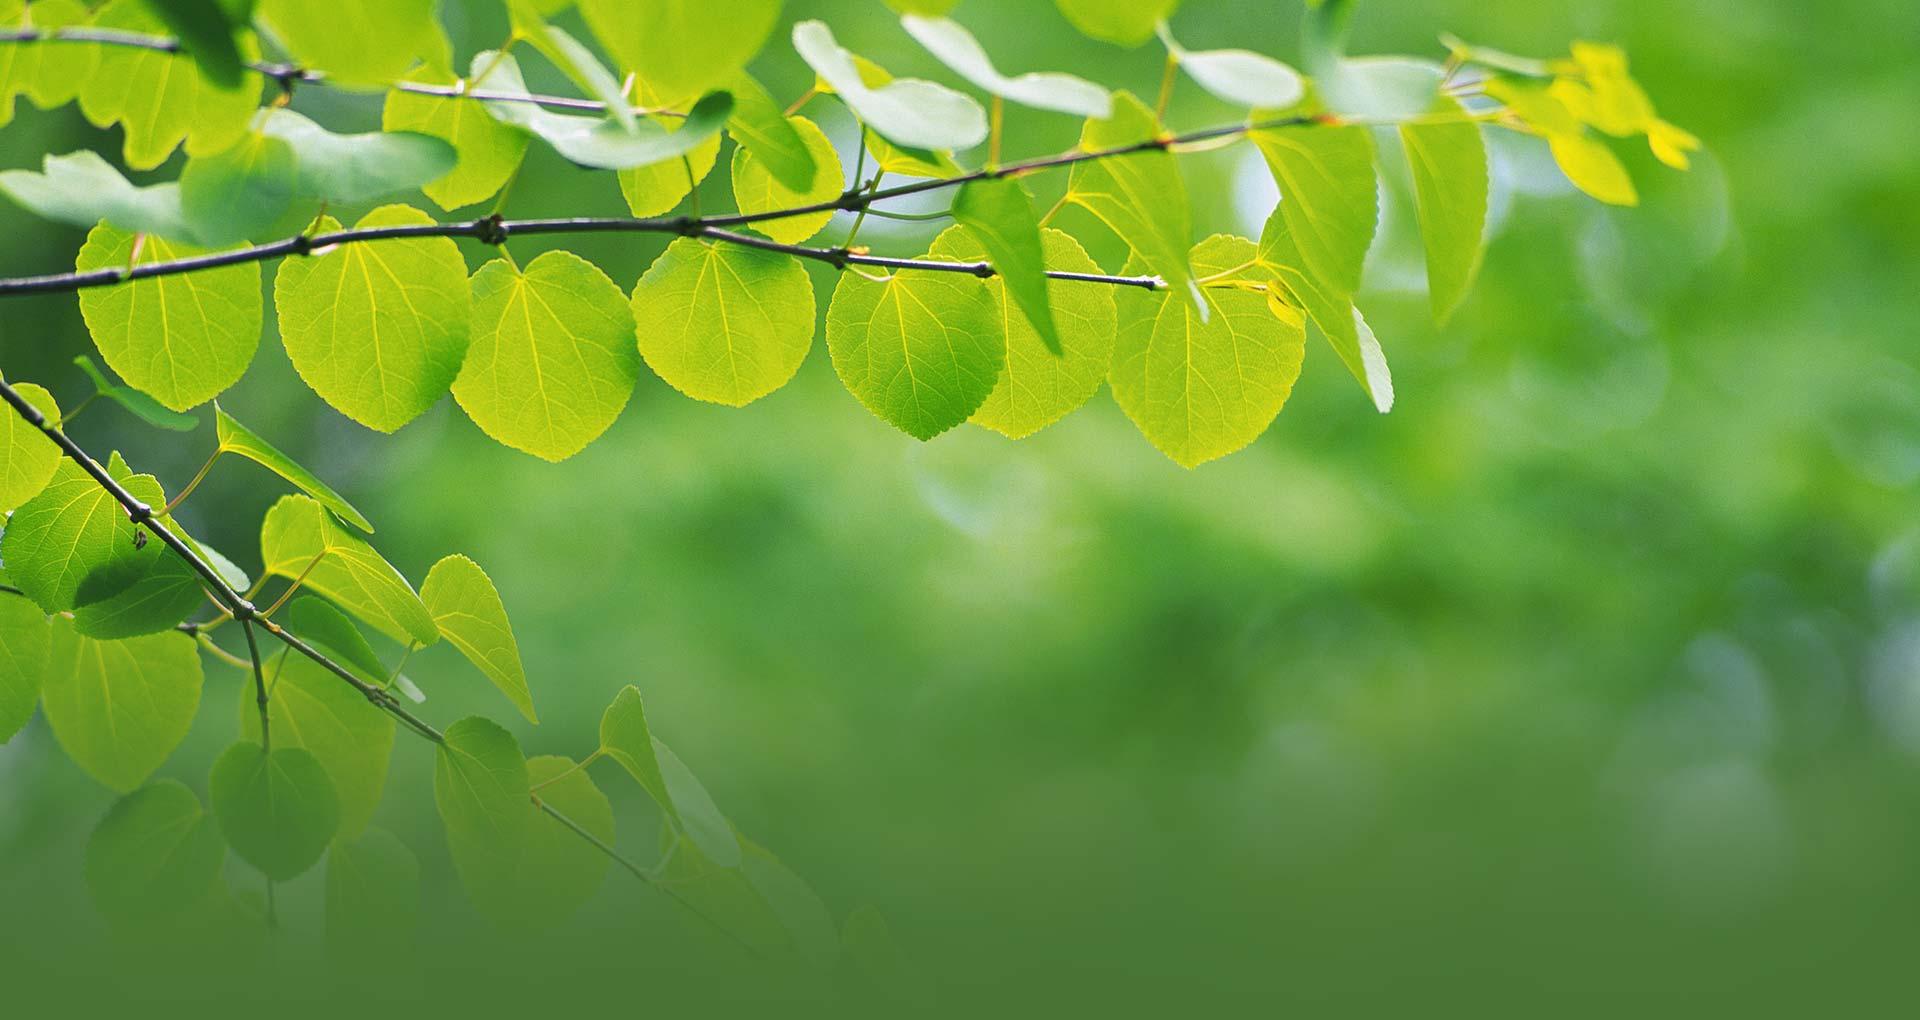 Арка из зеленых листьев скачать